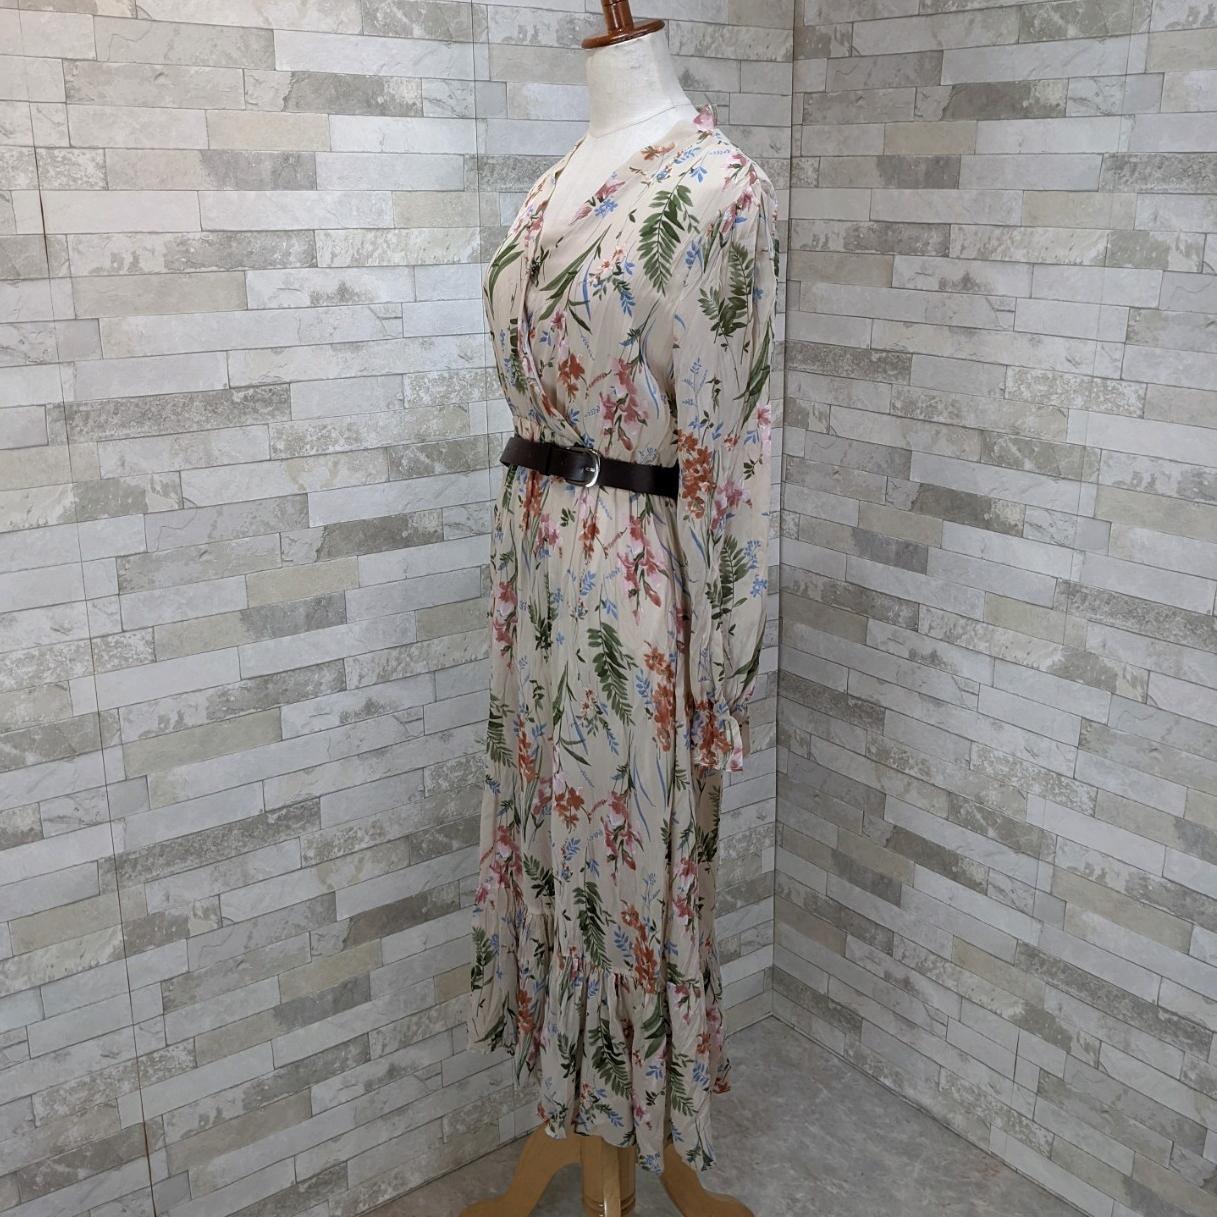 韓国 ファッション ワンピース 夏 春 カジュアル PTXH422  シアー シフォン風 エレガント 着回し オルチャン シンプル 定番 セレカジの写真10枚目